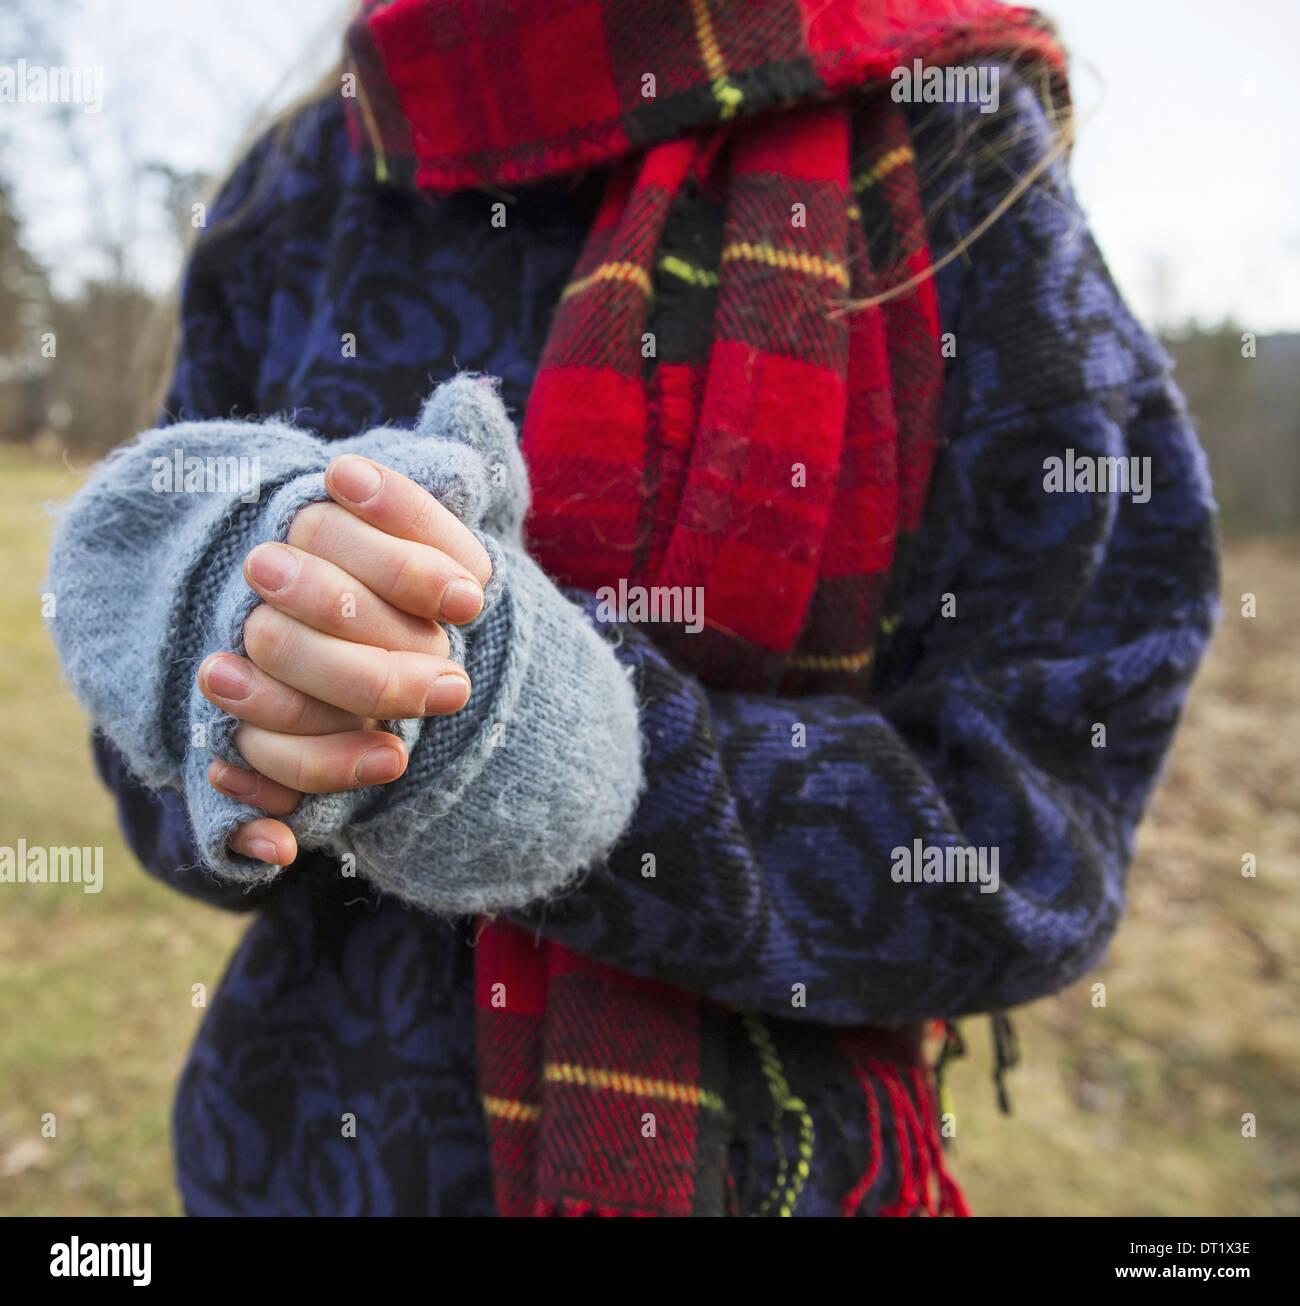 Una mujer en un tartan bufandas y manoplas de lana tejida manteniendo sus manos cálidas en clima frío Imagen De Stock